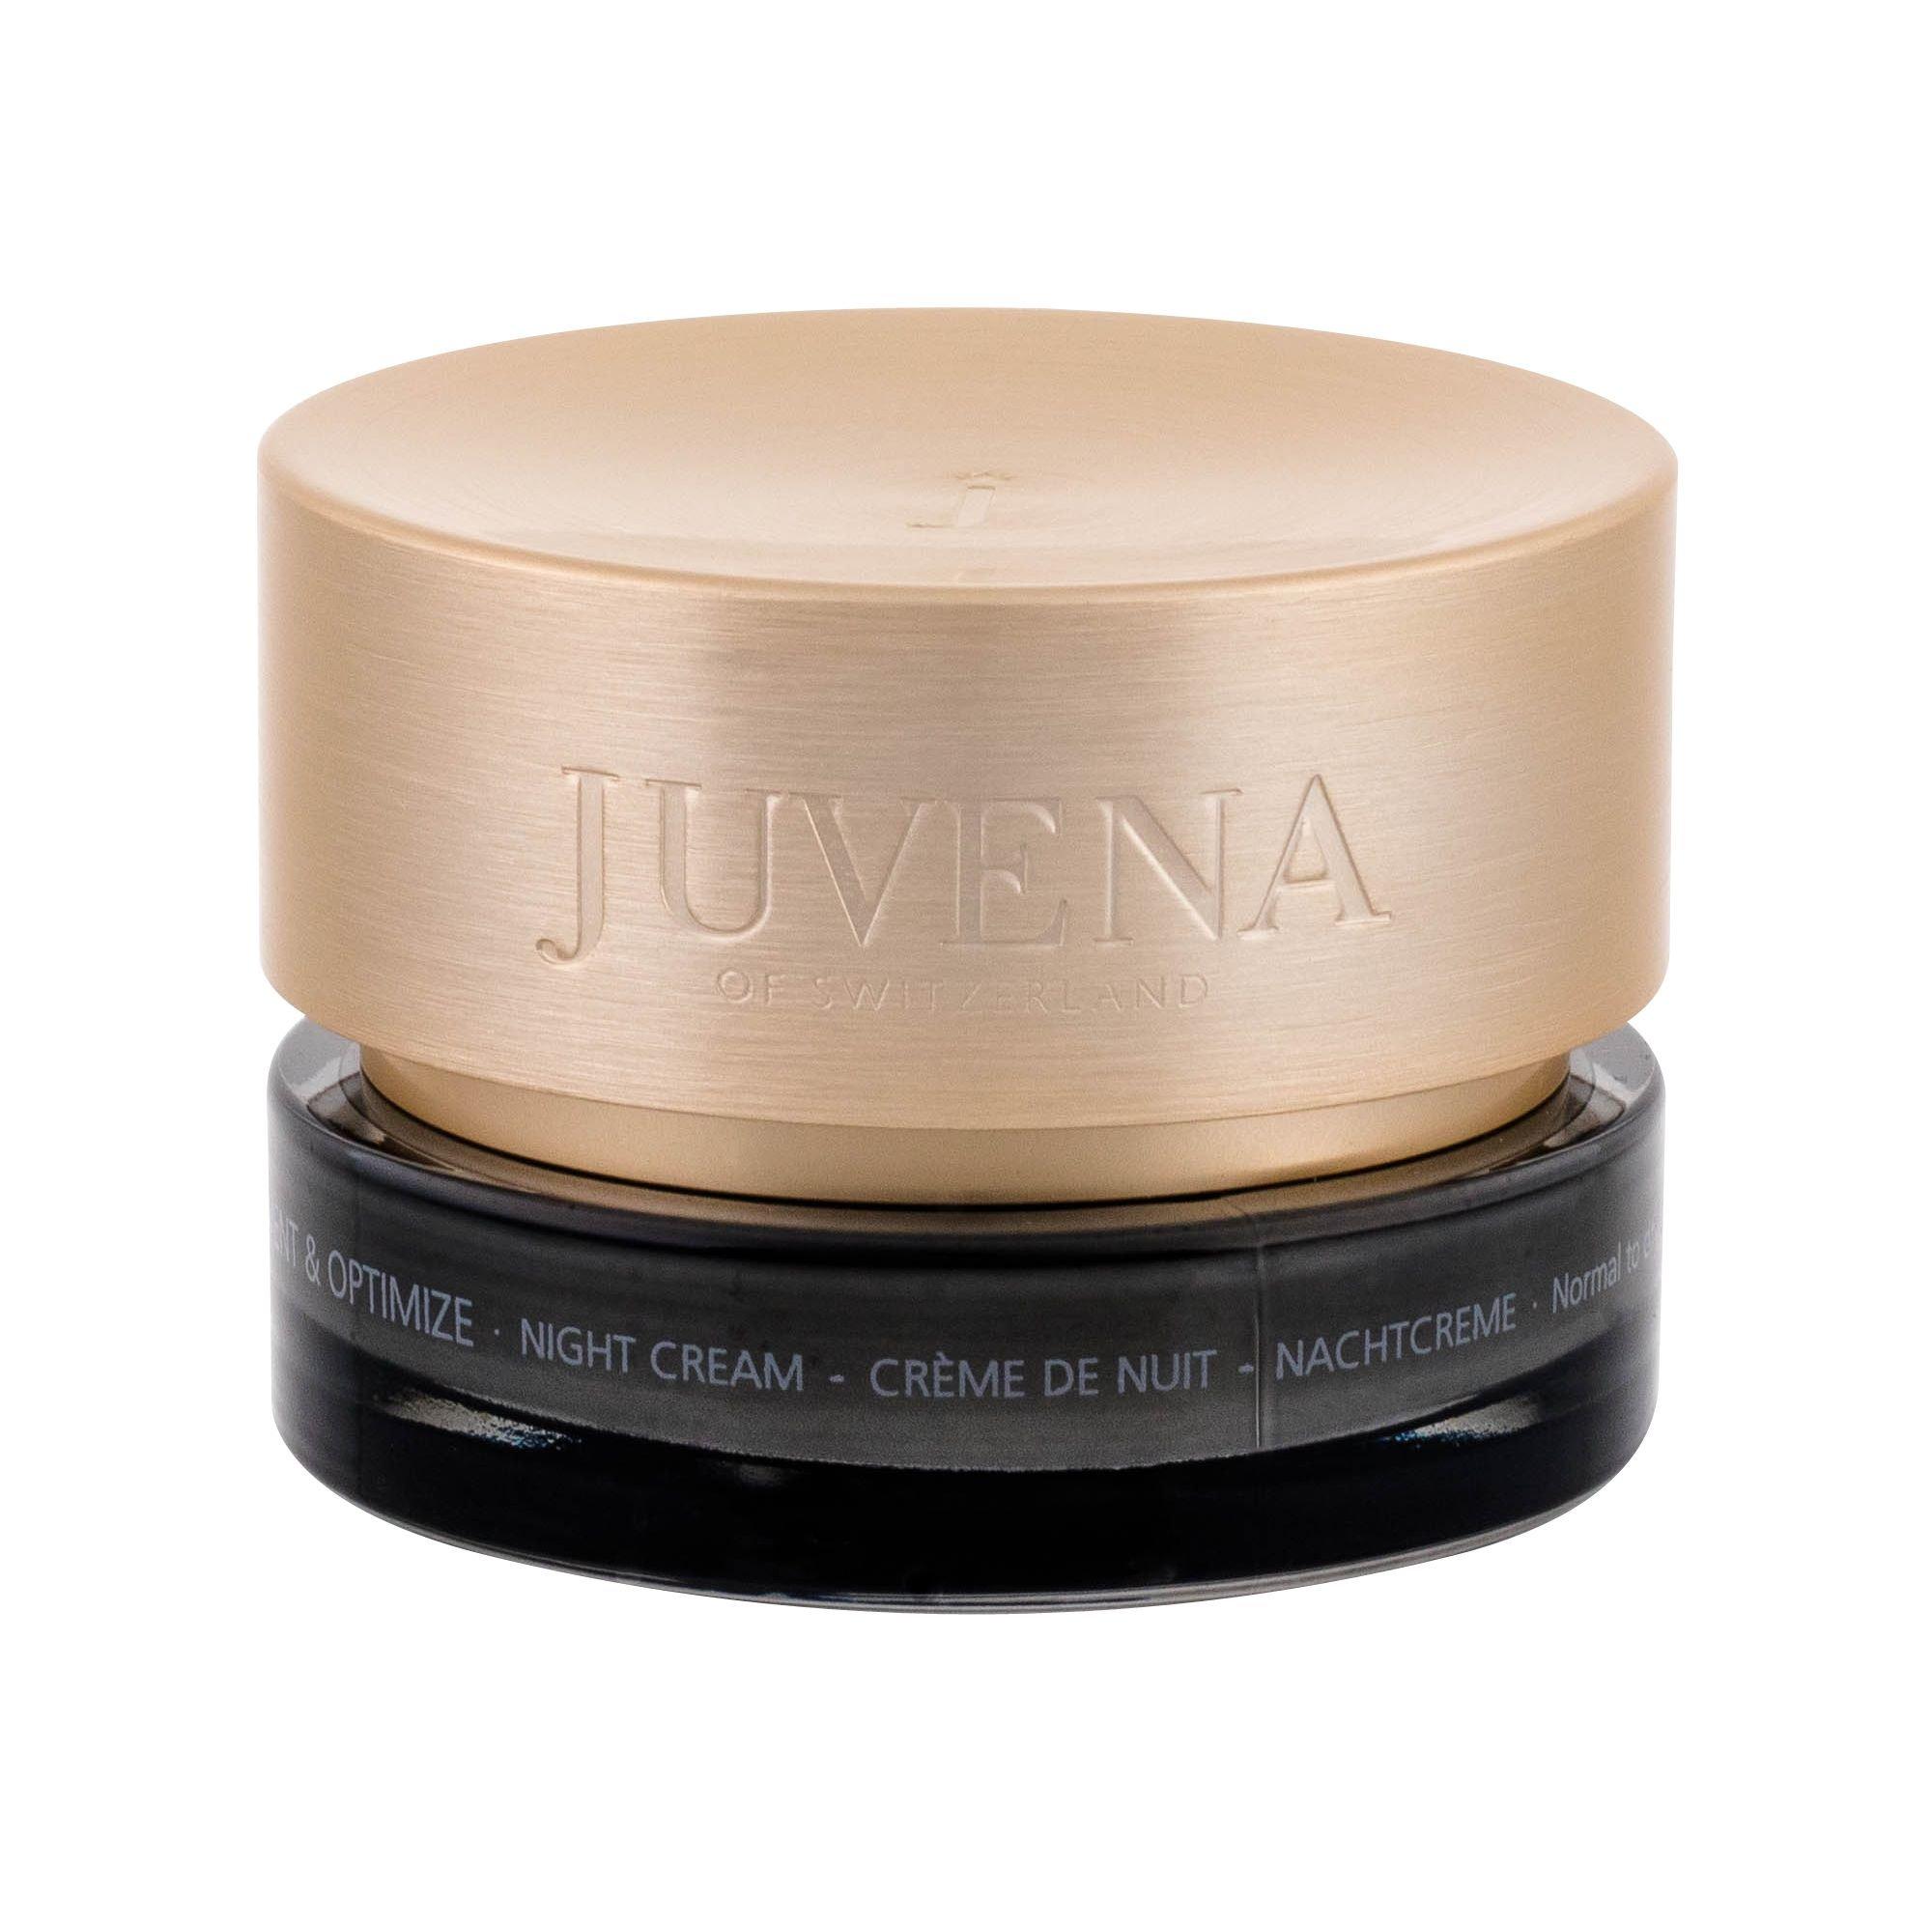 Juvena Prevent & Optimize Night Cream Cosmetic 50ml